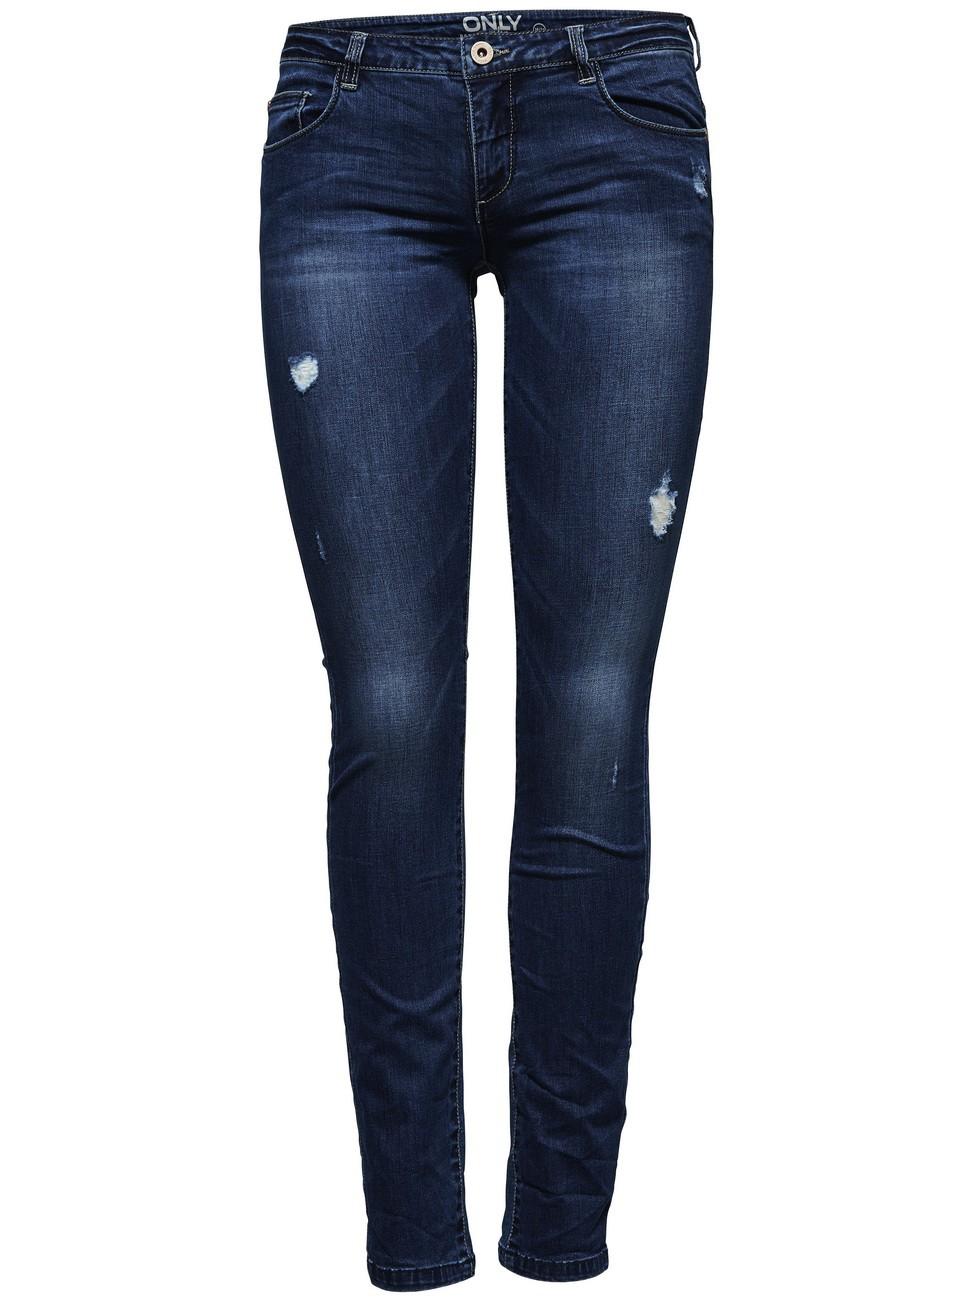 only damen jeans onlcoral skinny fit medium blue denim kaufen jeans direct de. Black Bedroom Furniture Sets. Home Design Ideas